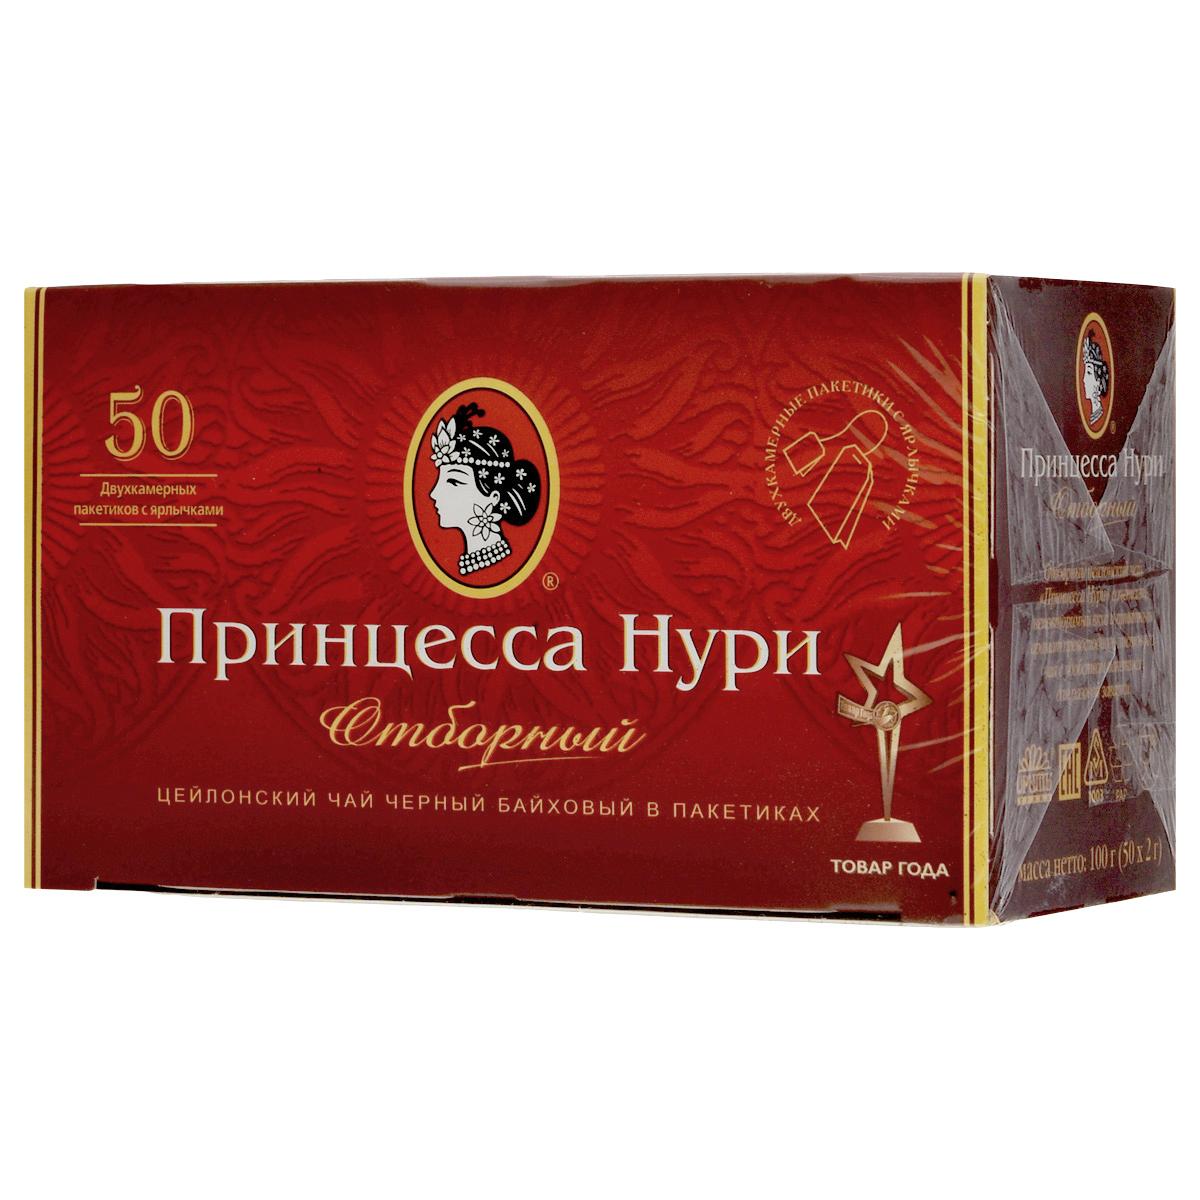 Принцесса Нури Отборный черный чай в пакетиках, 50 шт принцесса нури отборный черный чай в пакетиках 50 шт